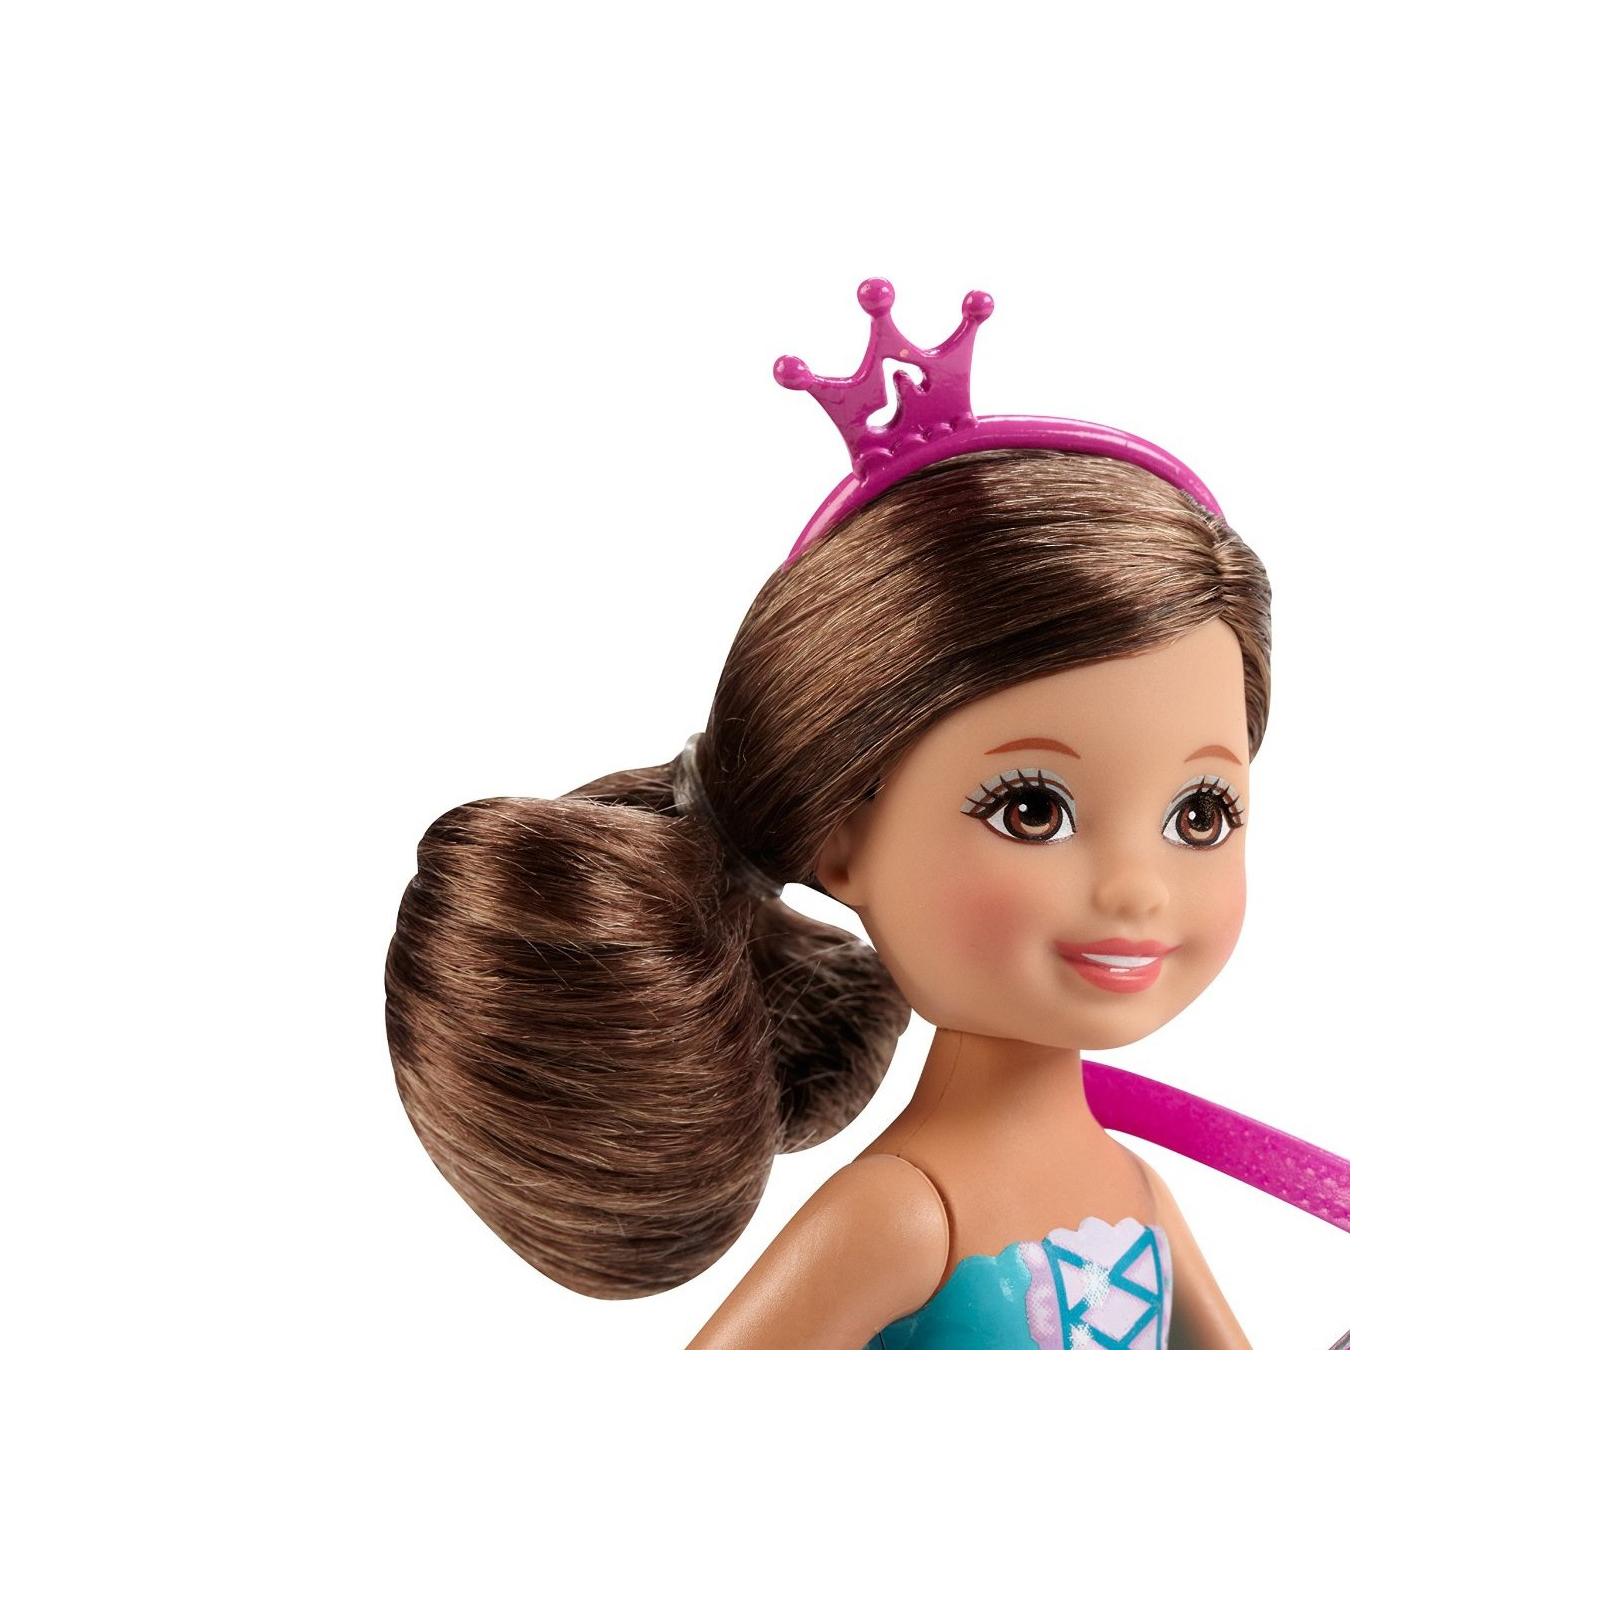 Кукла BARBIE Челси из м/ф Барби: Рок-принцесса с гитарой (CKB68-2) изображение 2